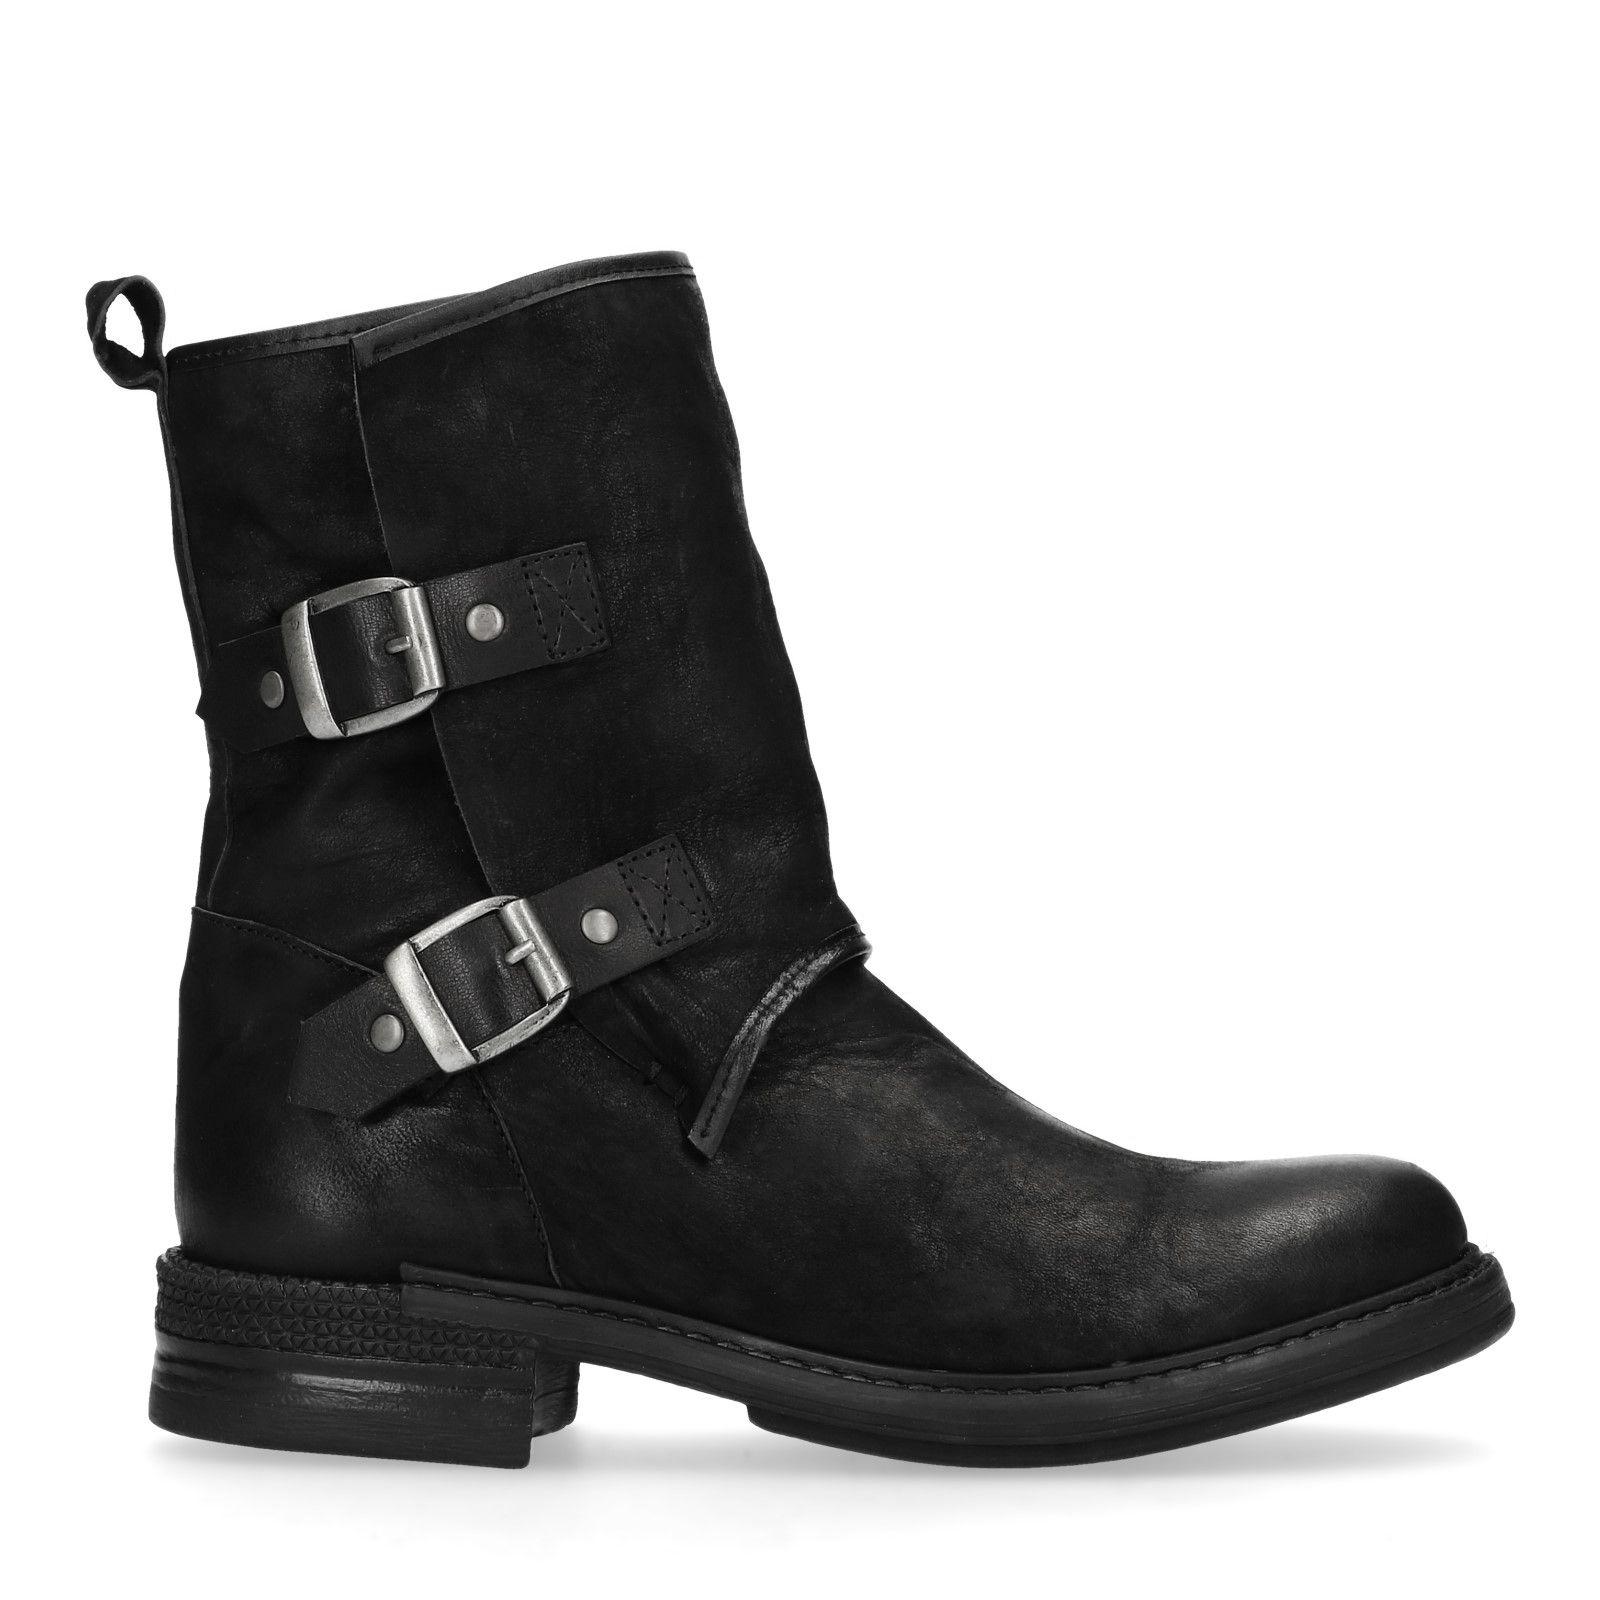 Schoenenkast Ook Voor Laarzen.Zwarte Korte Laarzen Met Gespen Damesschoenen Sacha